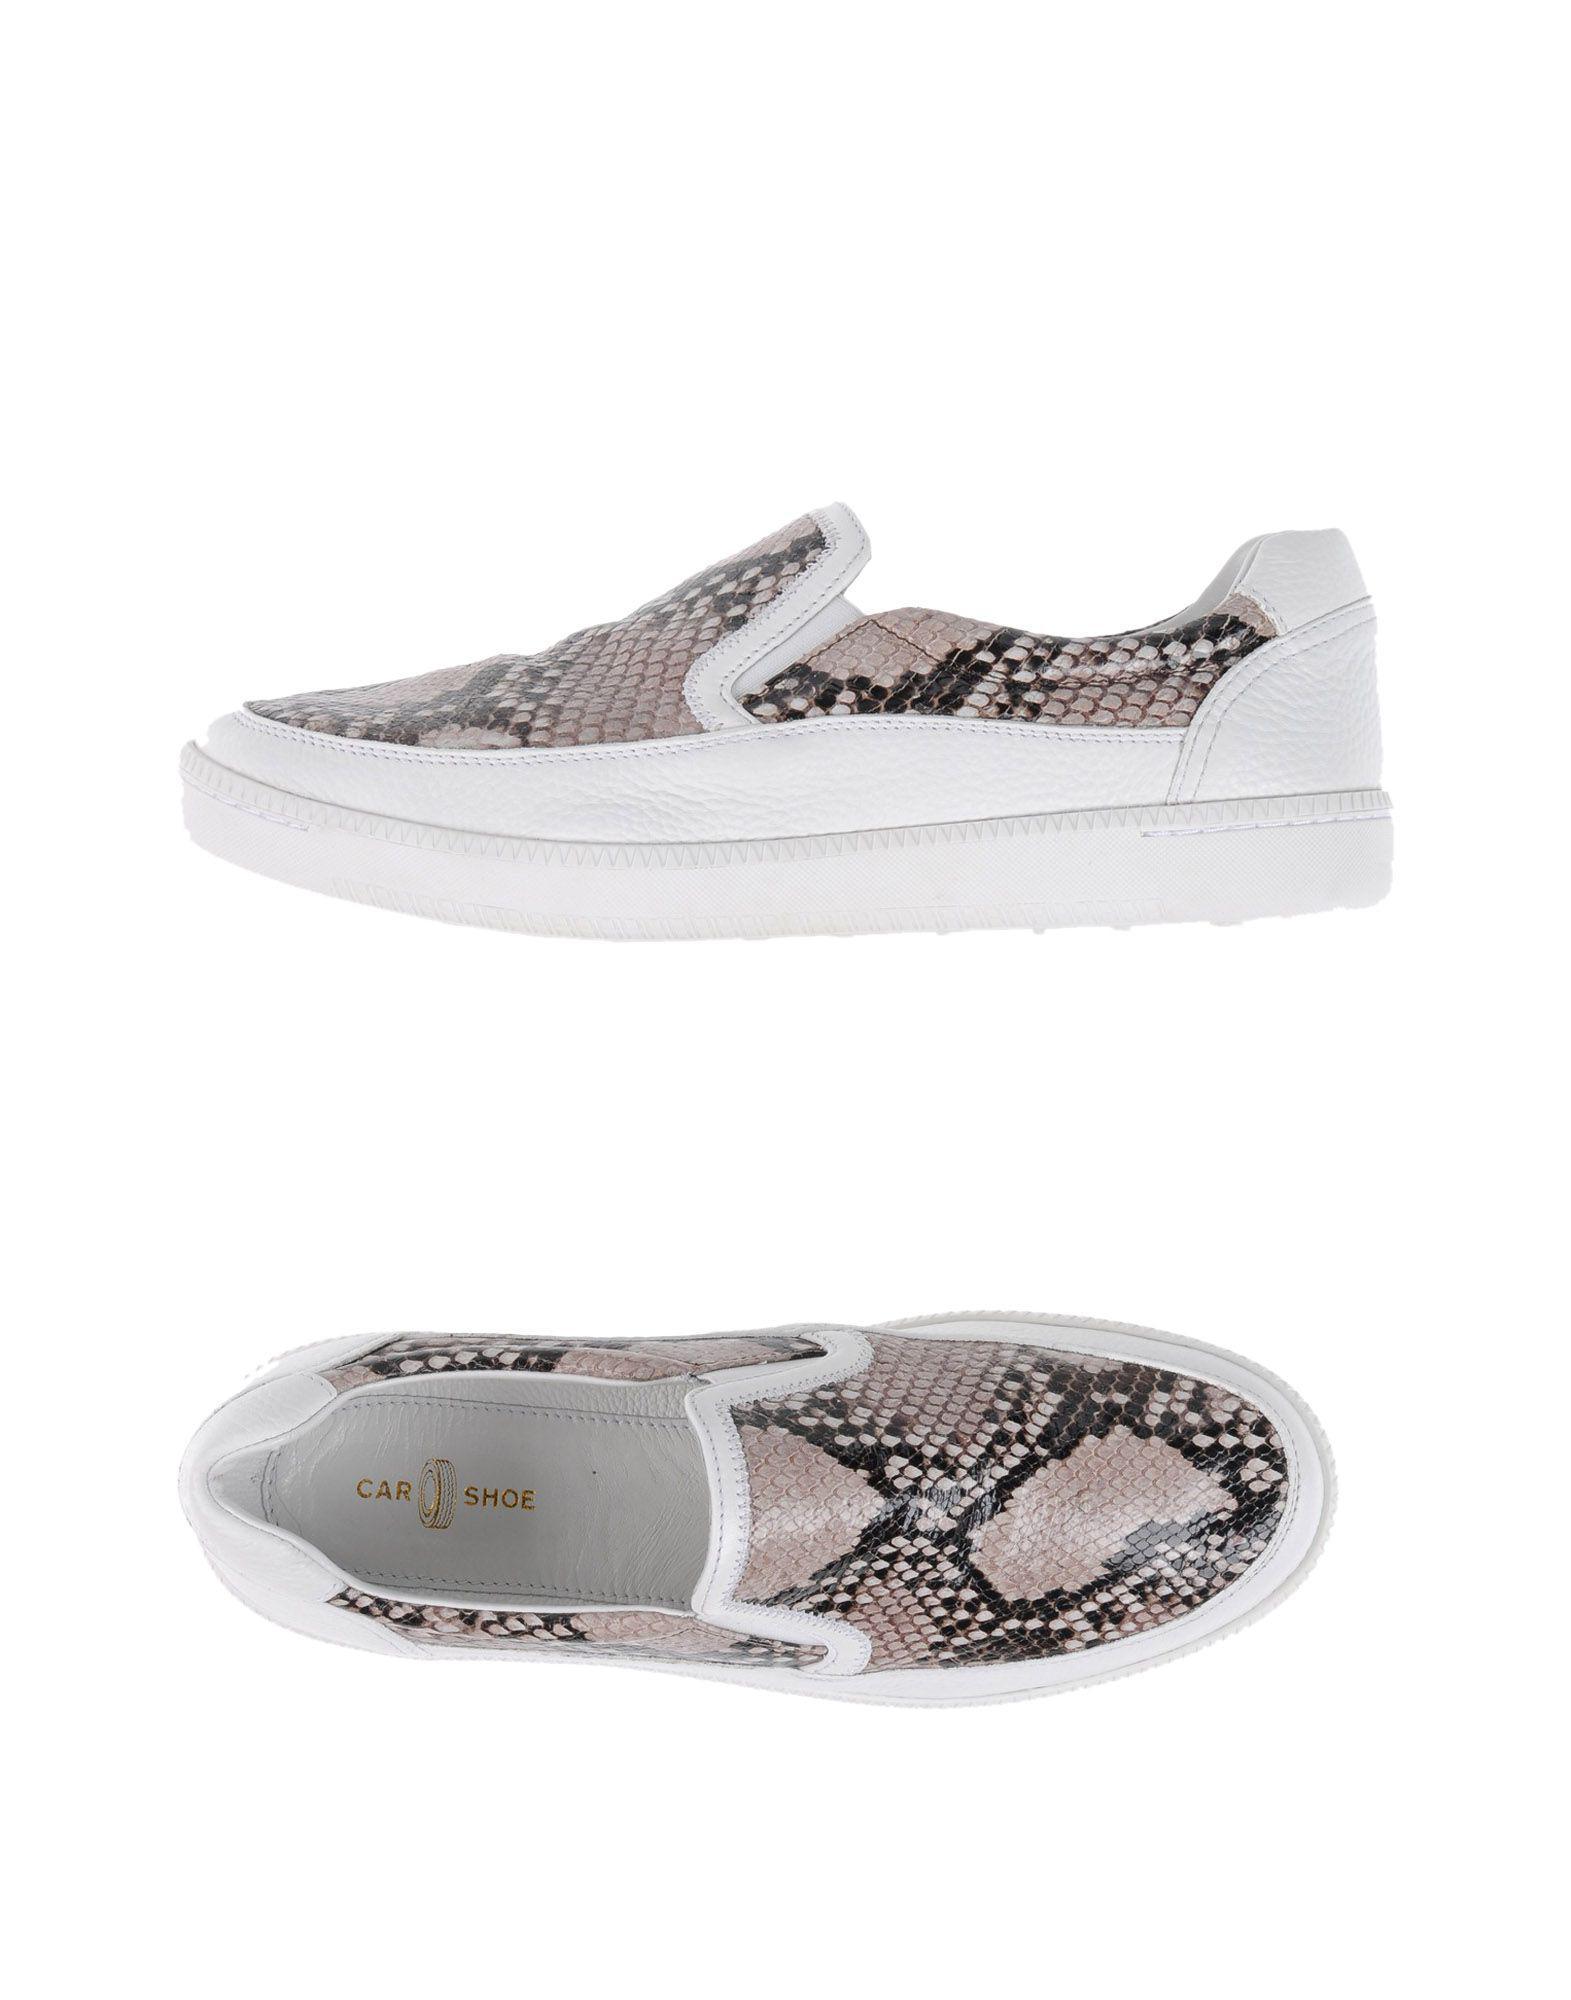 FOOTWEAR - Low-tops & sneakers Car Shoe pqpVl6jS